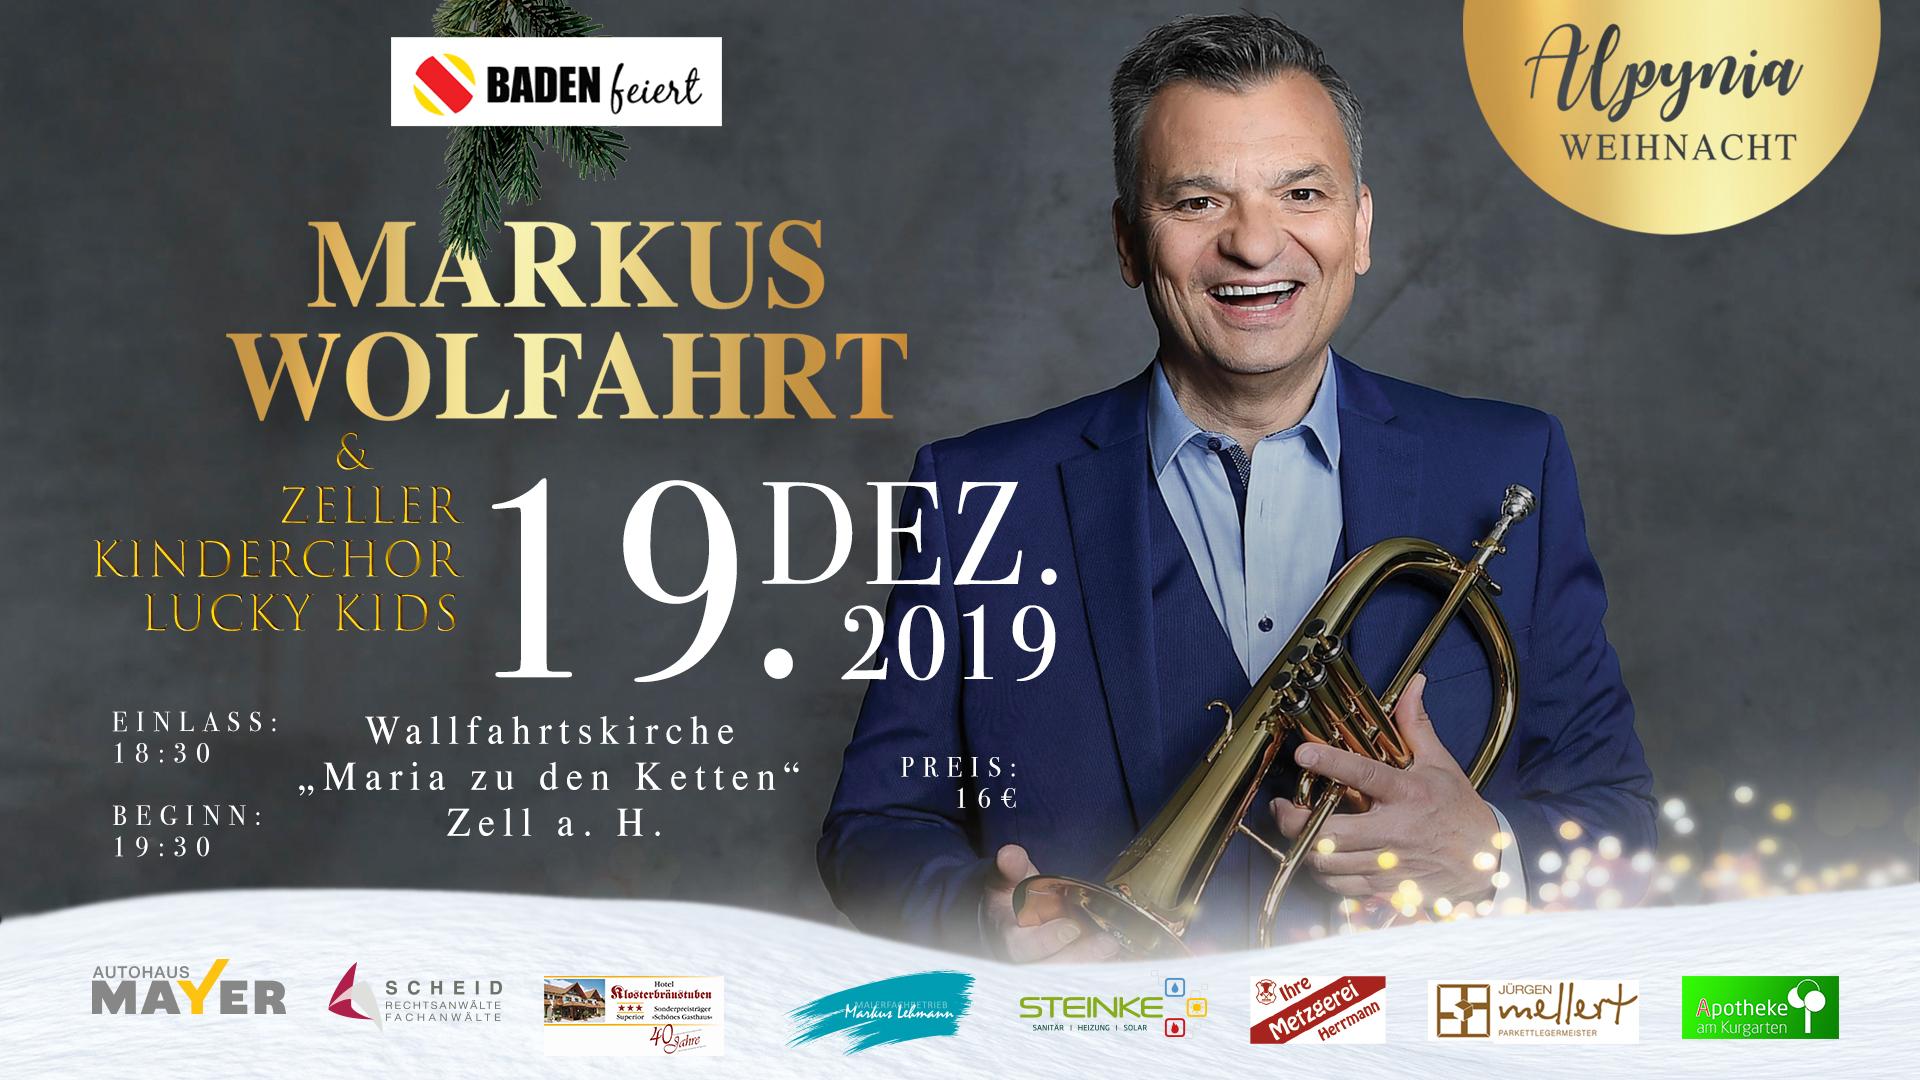 Top Event - ALPYNIA-WEIHNACHT (Ausverkauft)